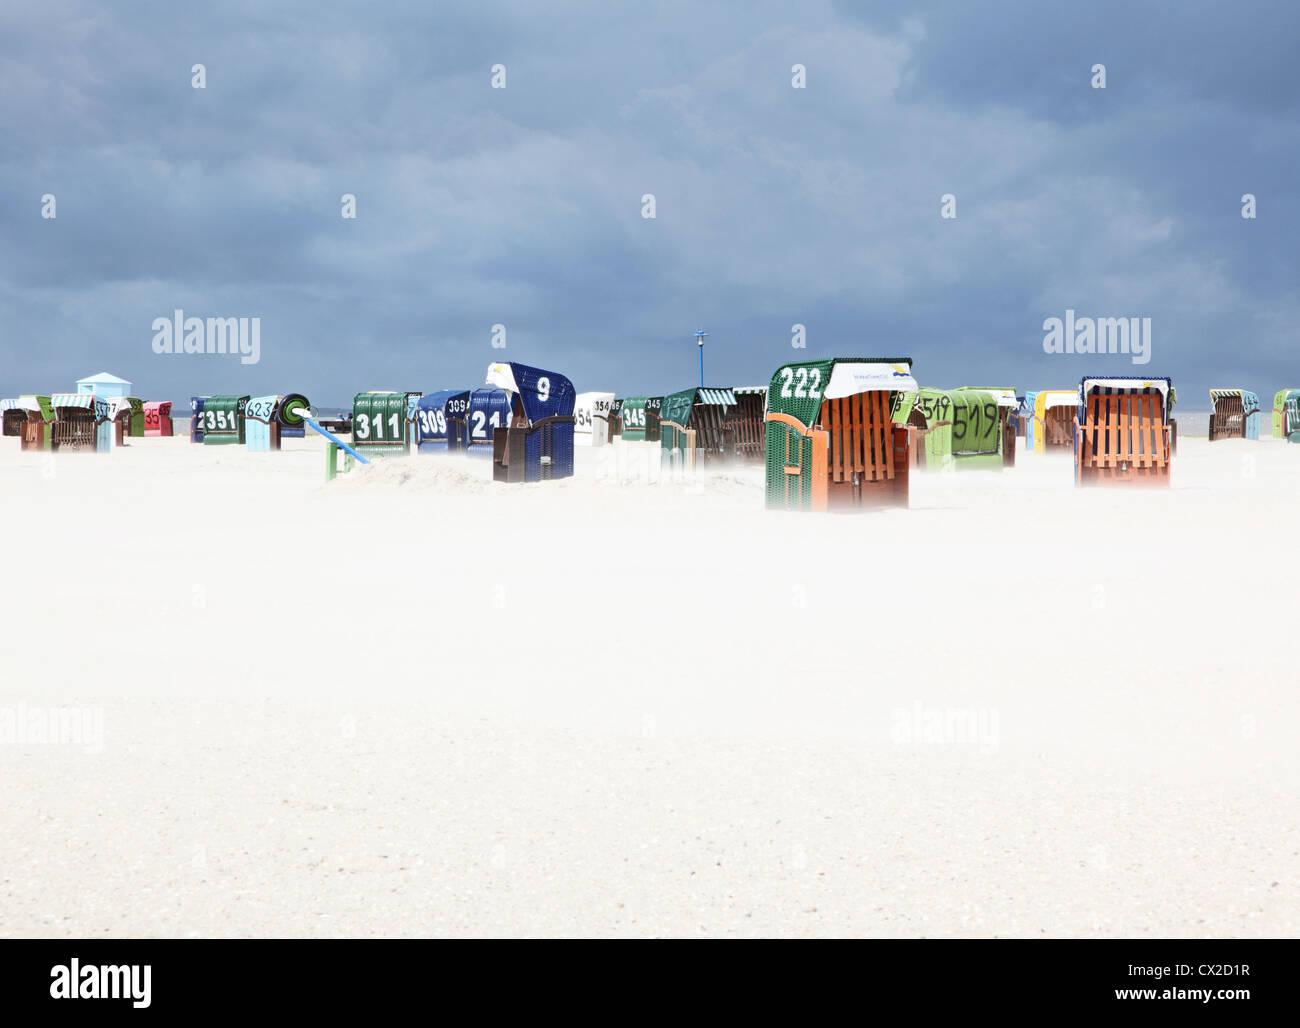 Strandkörbe Sandsturm Wremen Ostfriesland Nordsee beachchairs sandstorm North Sea Europa Europe - Stock Image